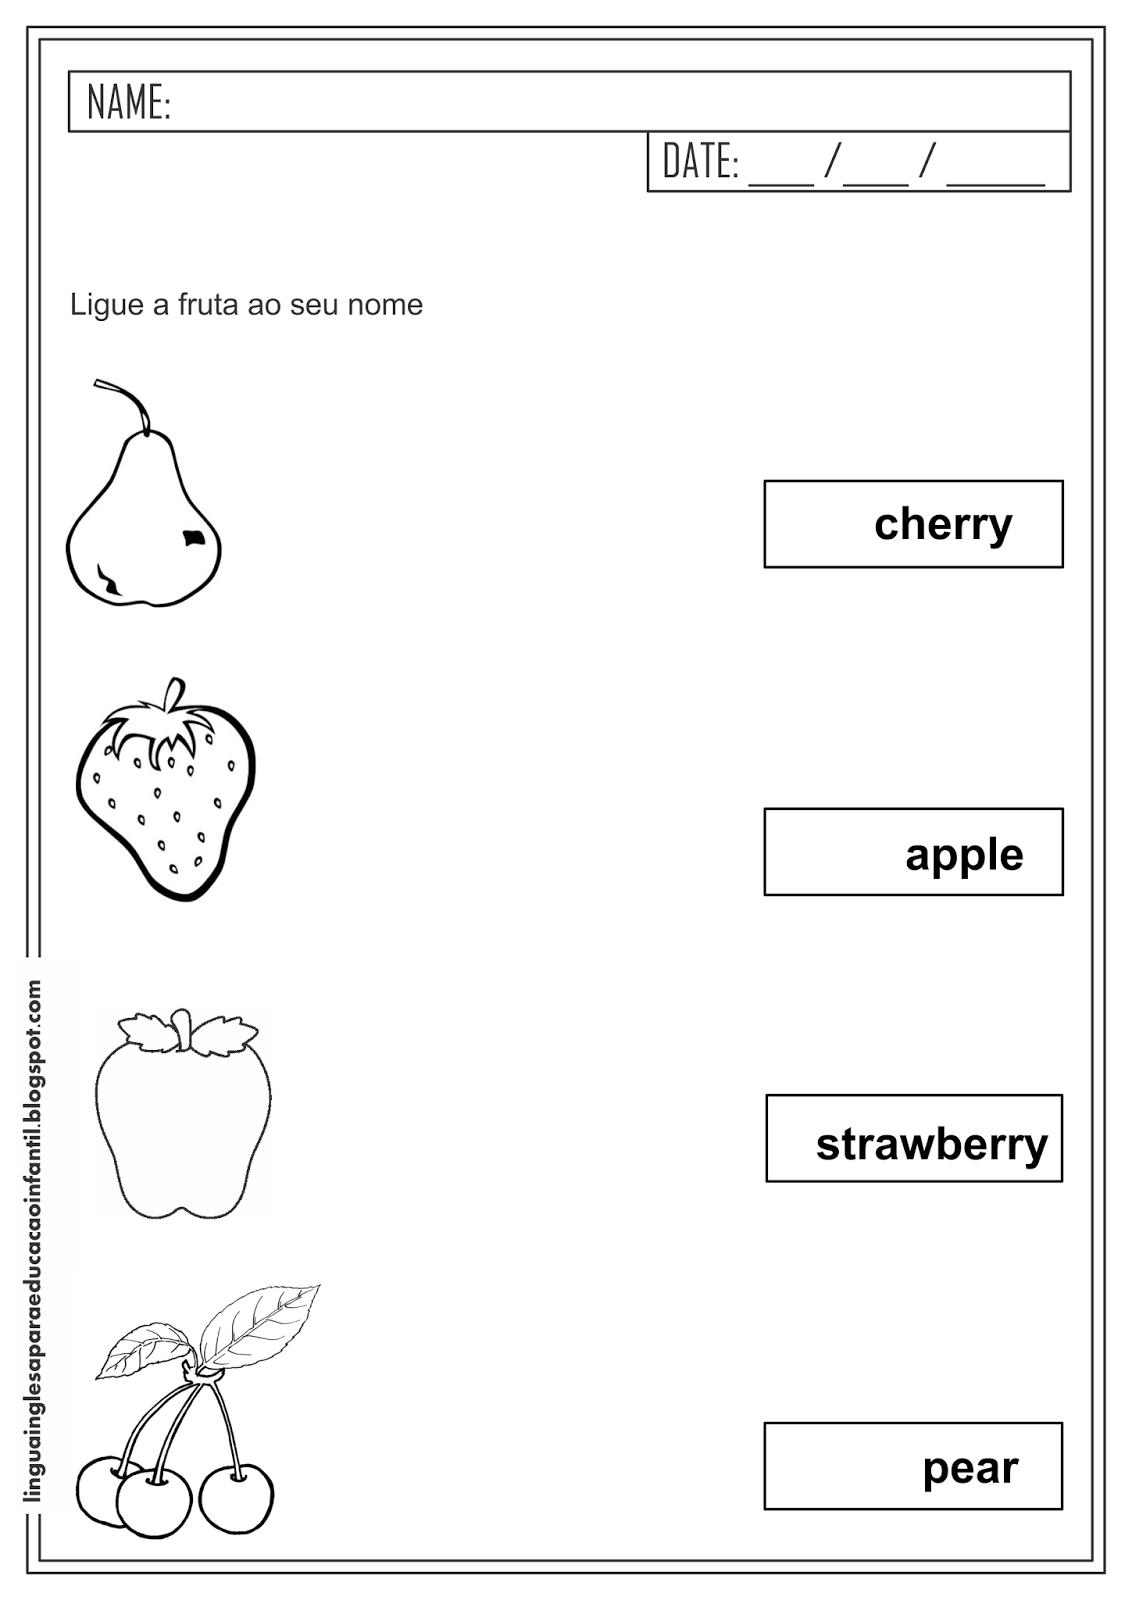 Atividade de Inglês - Liga figuras com frutas para educação infantil